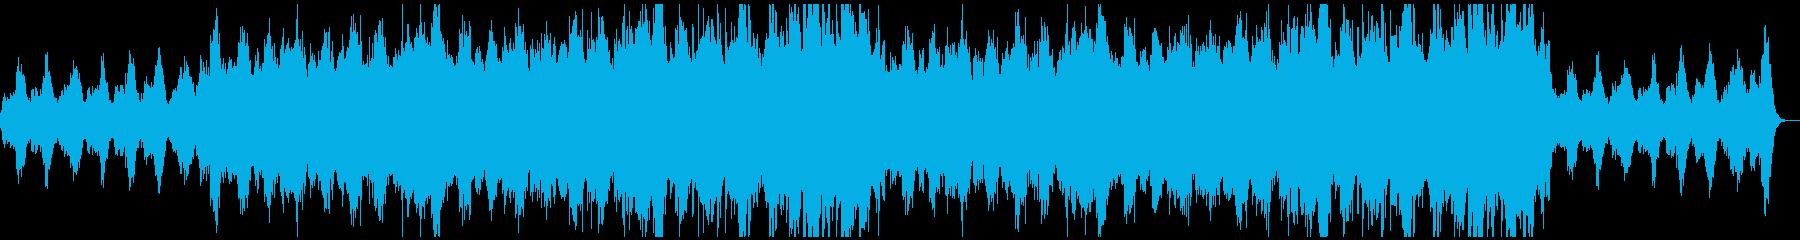 幻想的で悲しいファンタジーオーケストラの再生済みの波形